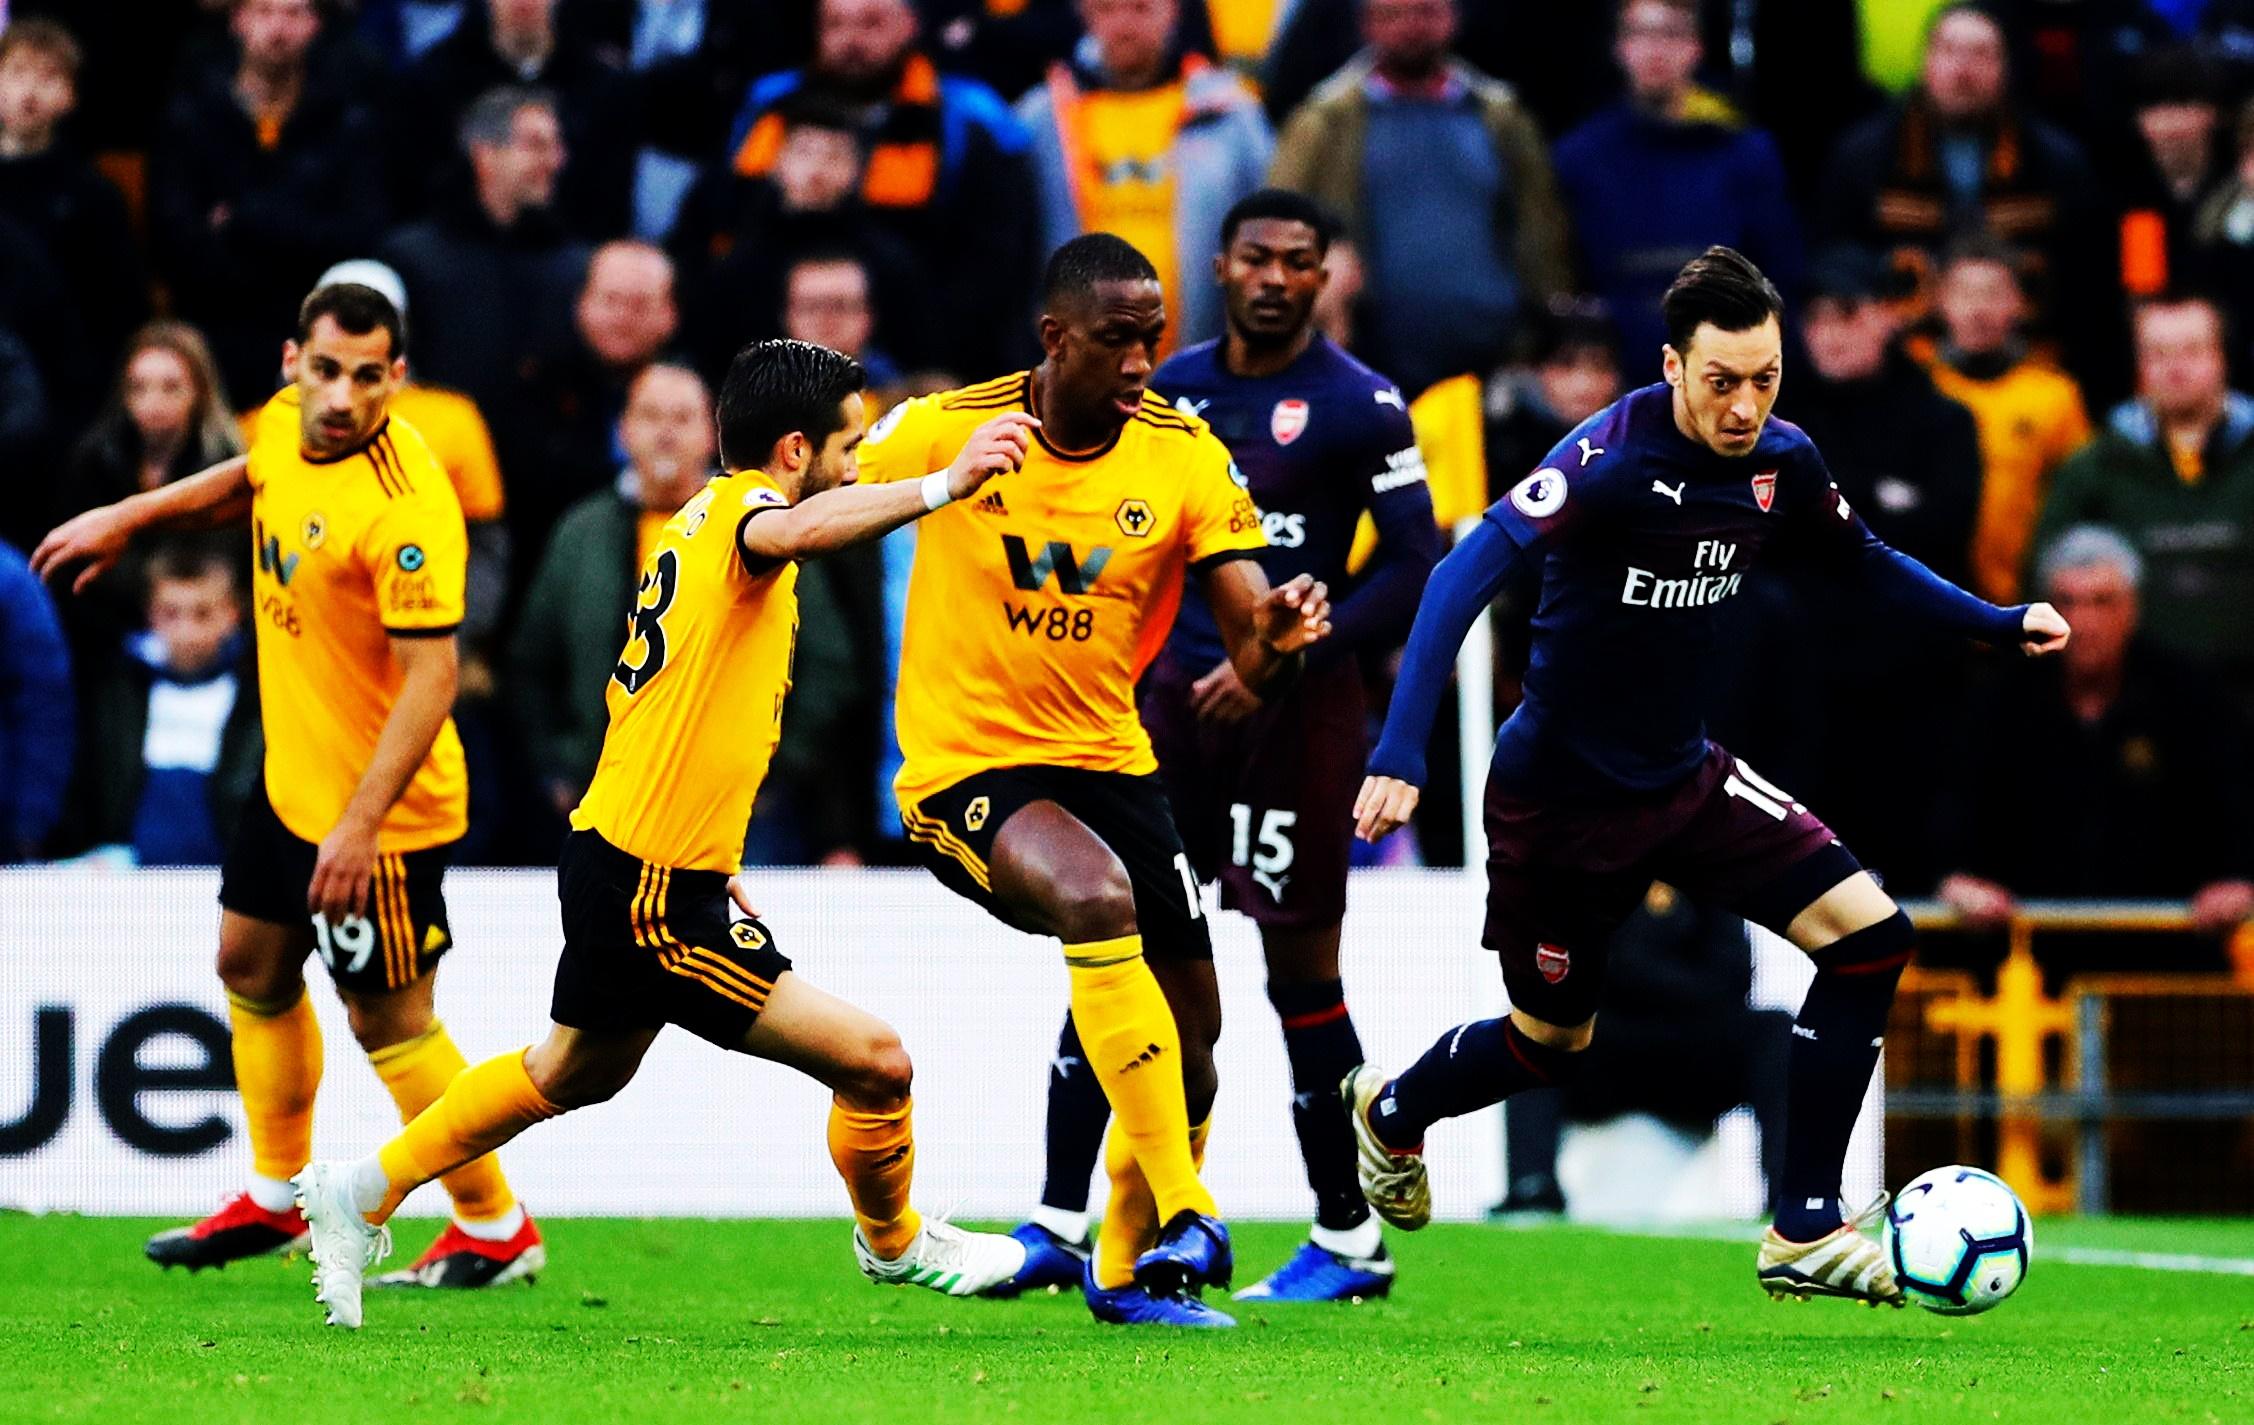 Nhận định Arsenal - Wolves: Thêm một lần đau cho 'Pháo thủ'? - Bóng Đá